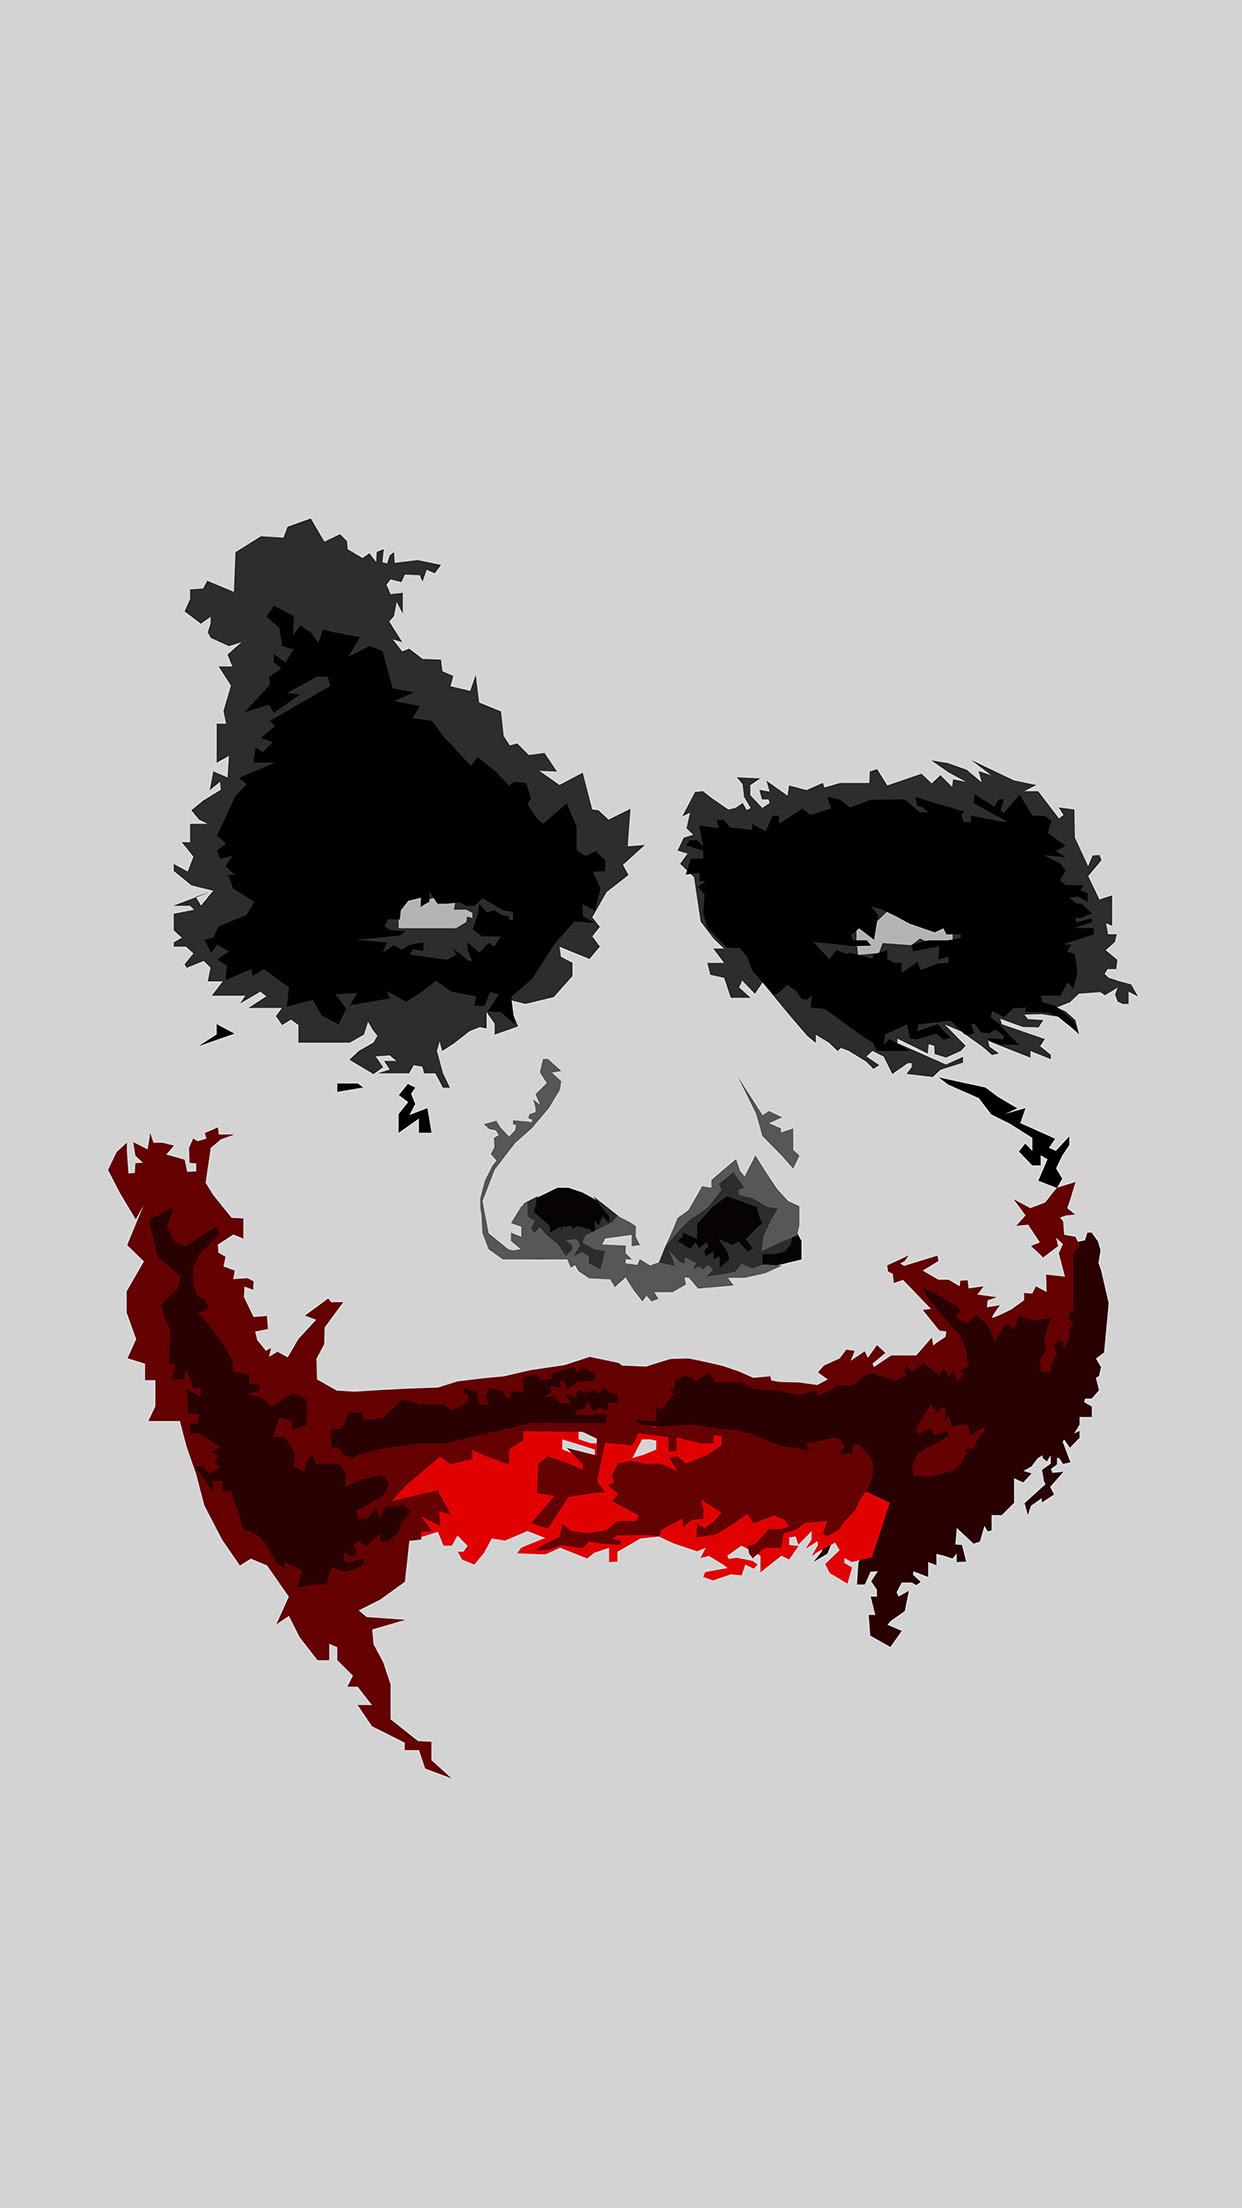 Download Wallpaper Joker Hd Cikimmcom